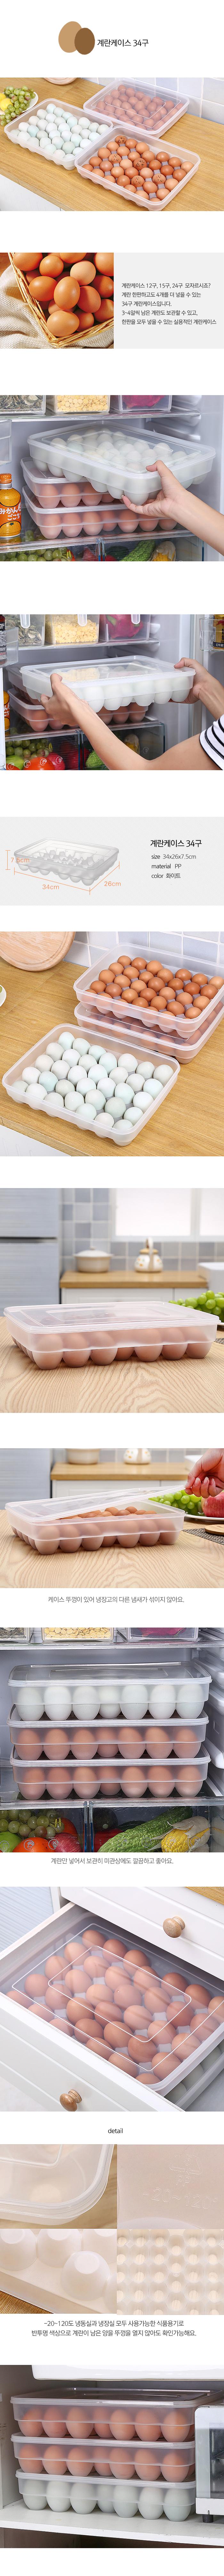 계란케이스 34구 - 이비자, 12,900원, 밀폐/보관용기, 반찬/밀폐용기